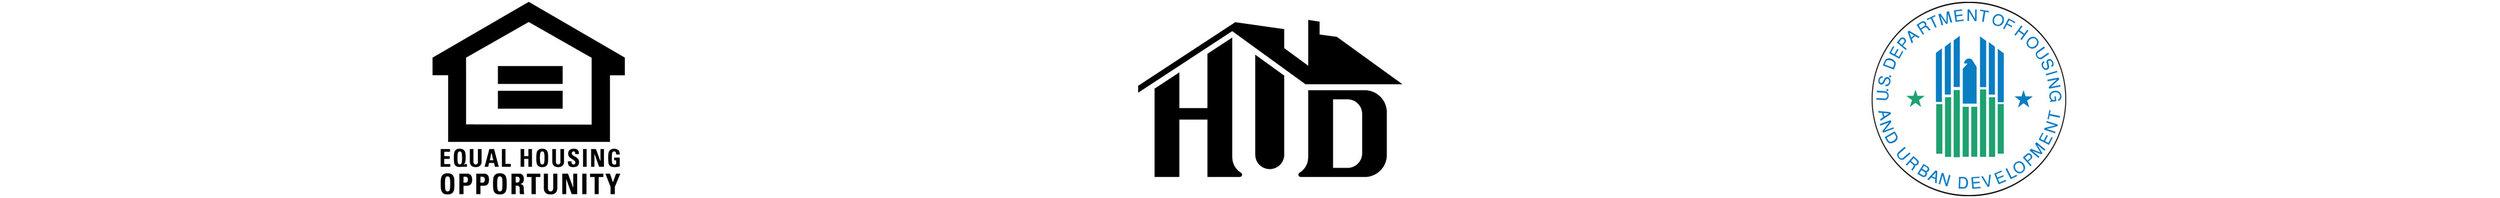 HUD3.jpg